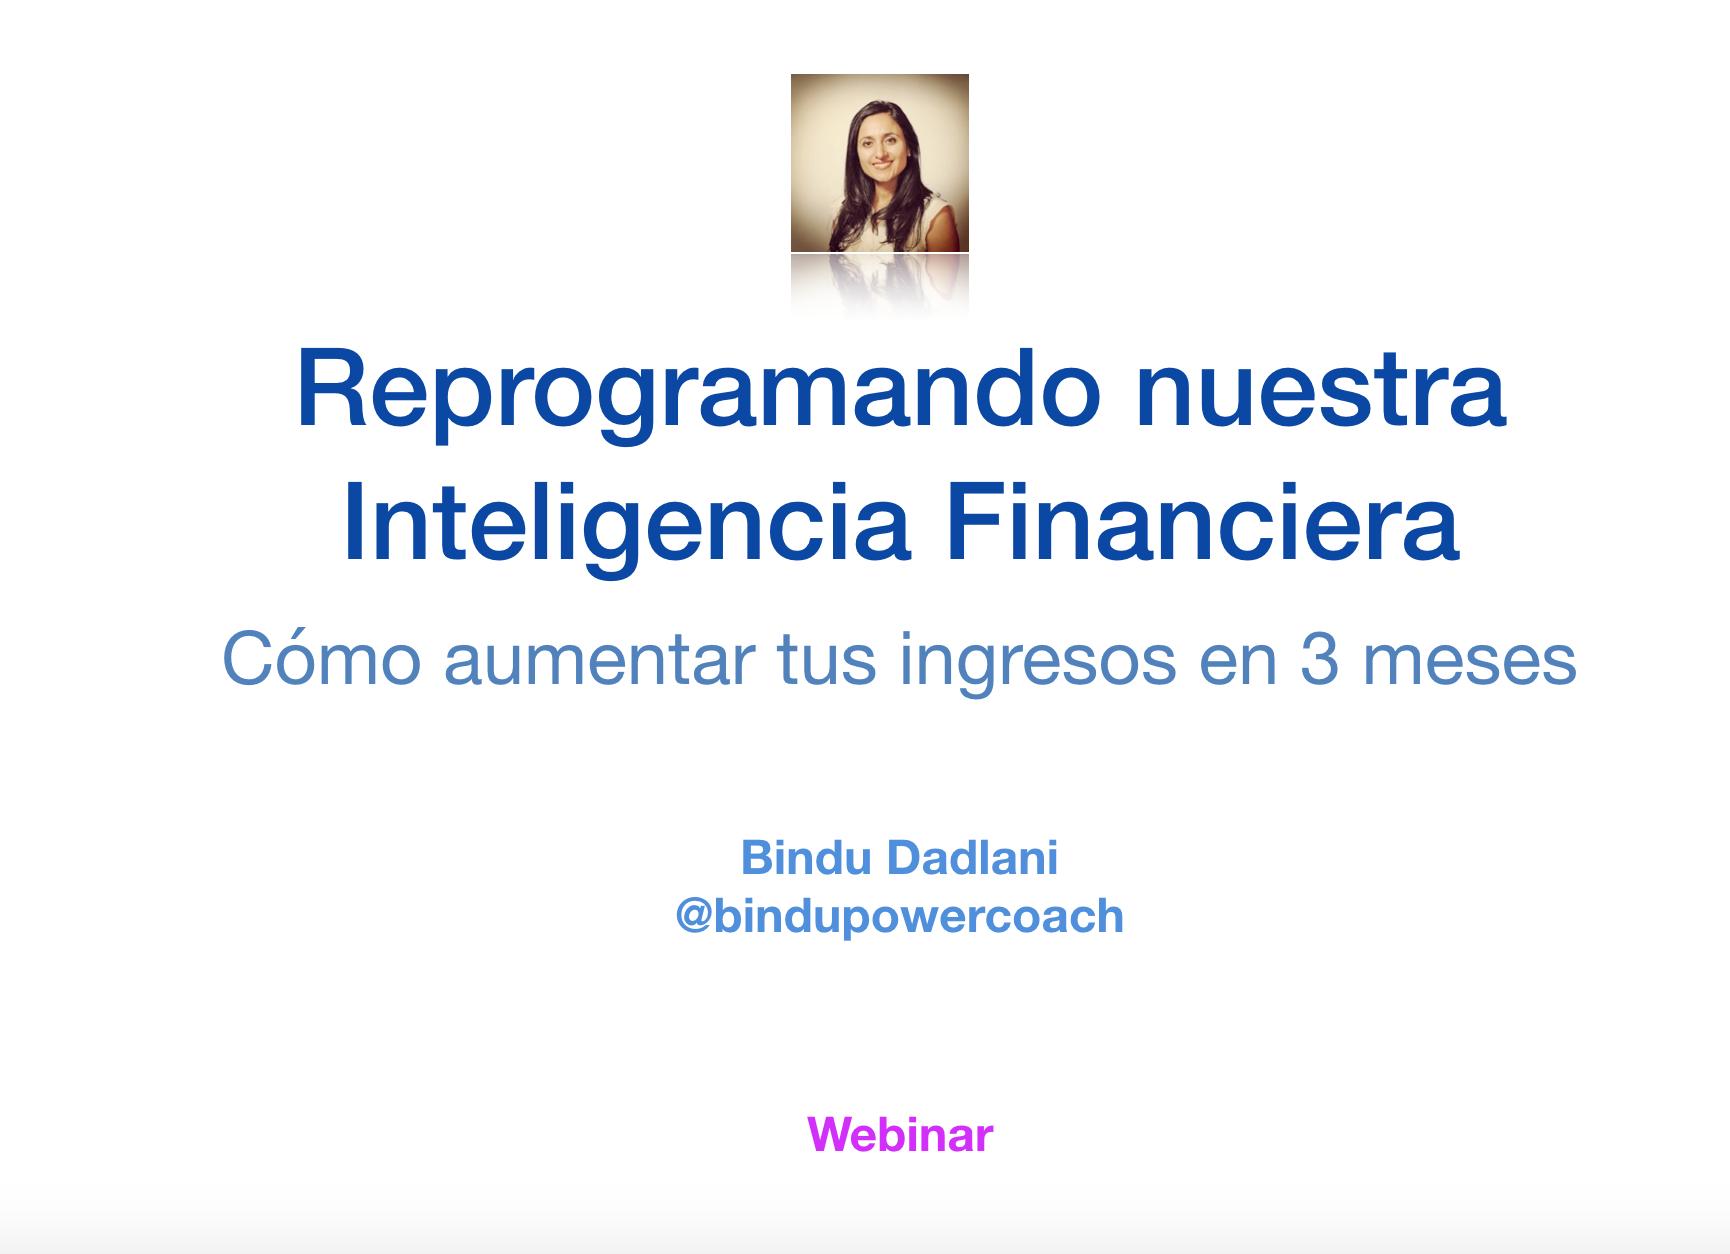 Re-programando nuestra inteligencia financiera